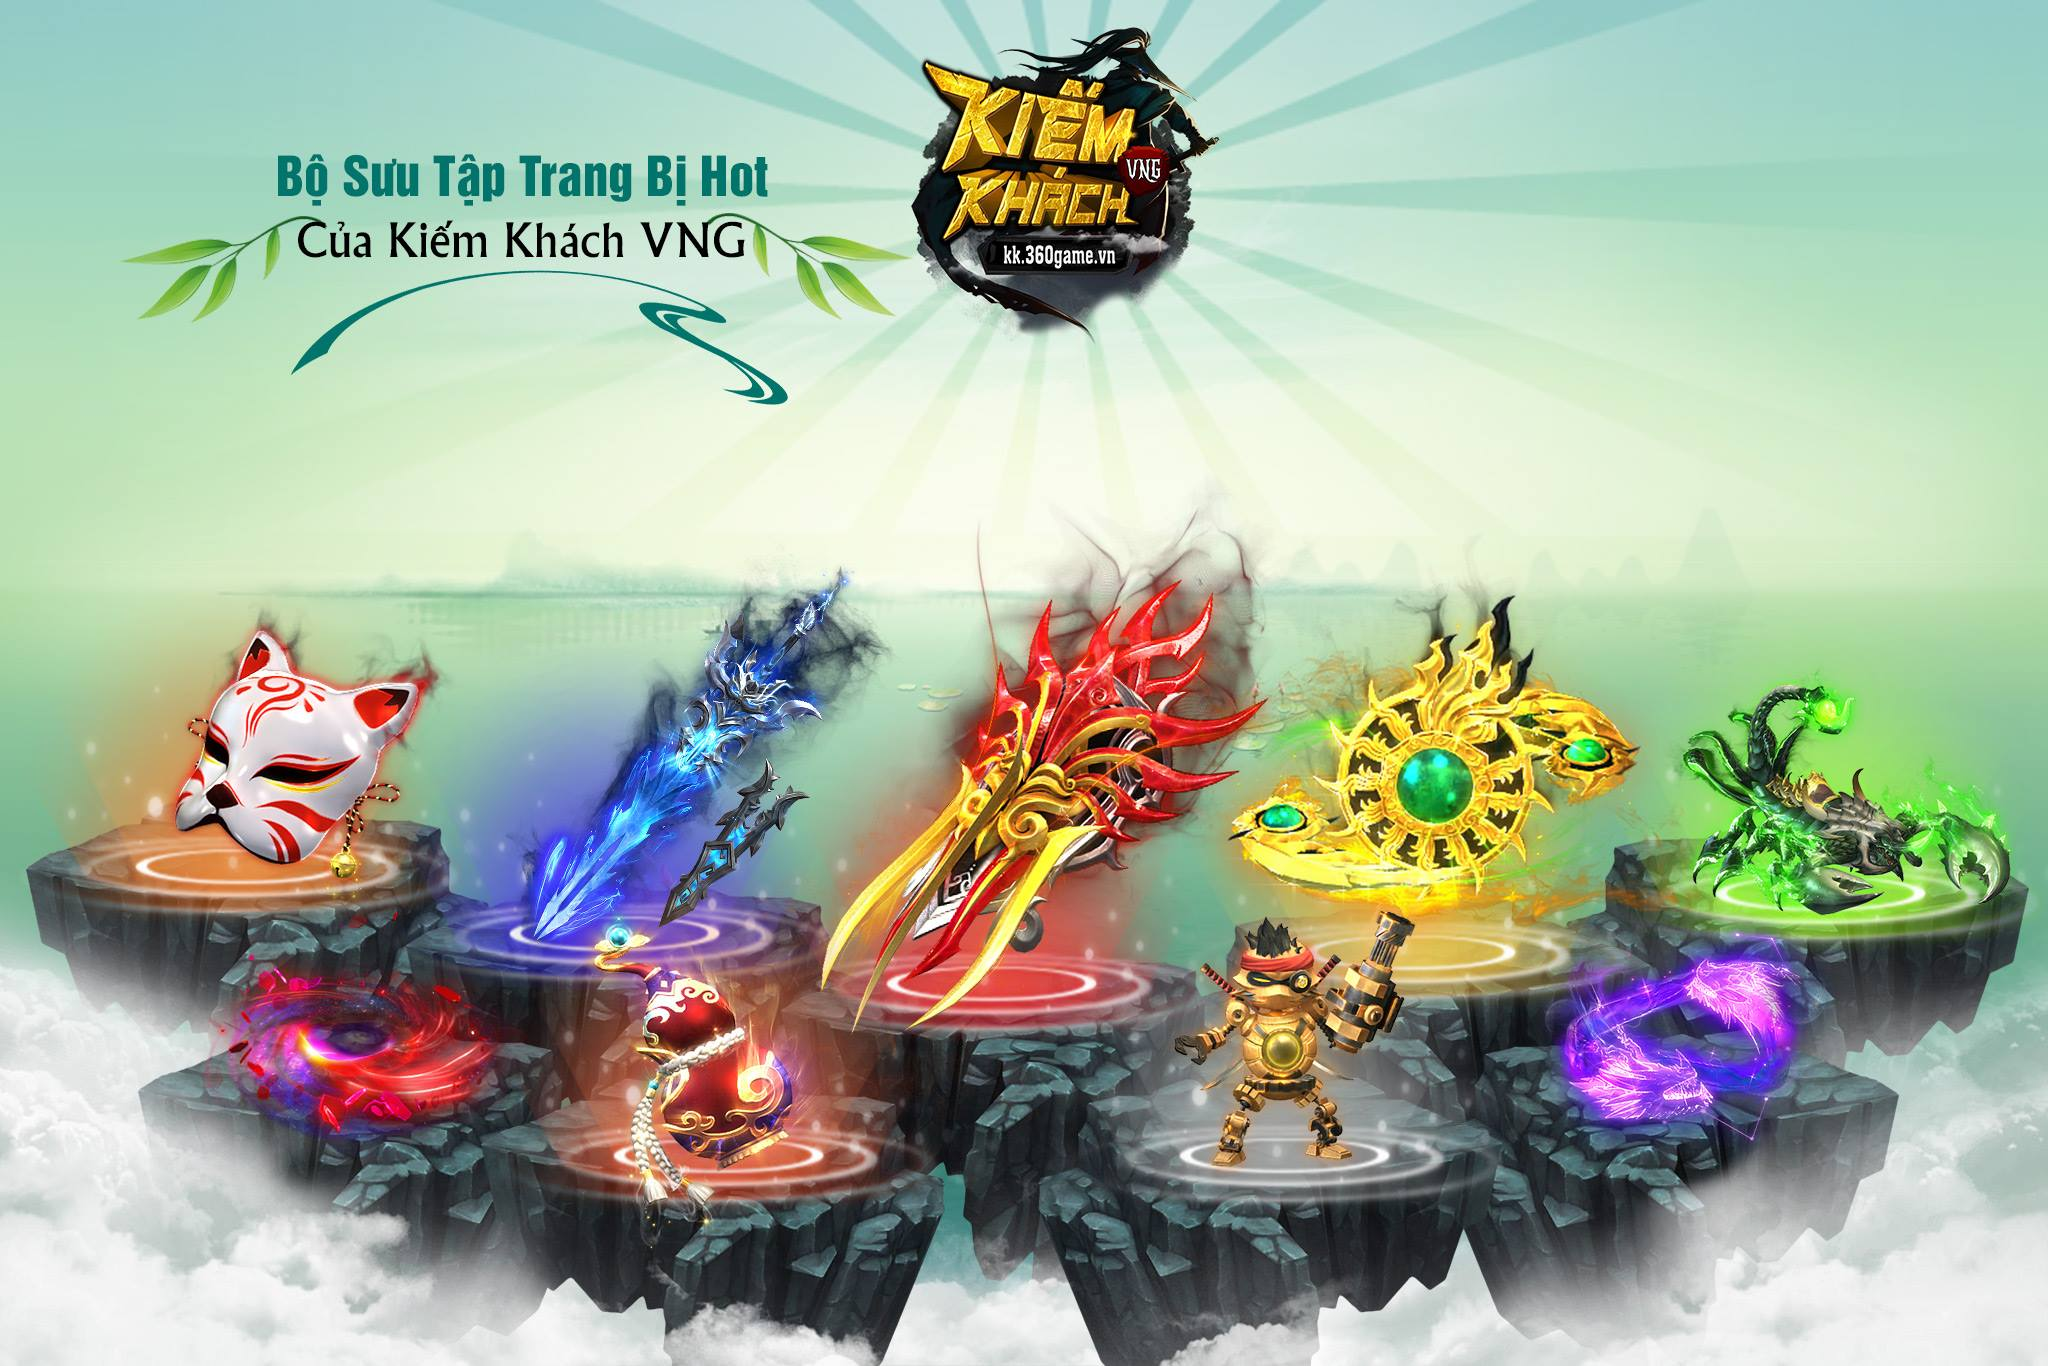 Webgame Kiếm Khách VNG mở Alpha Test 10h00 ngày 08/04/2018